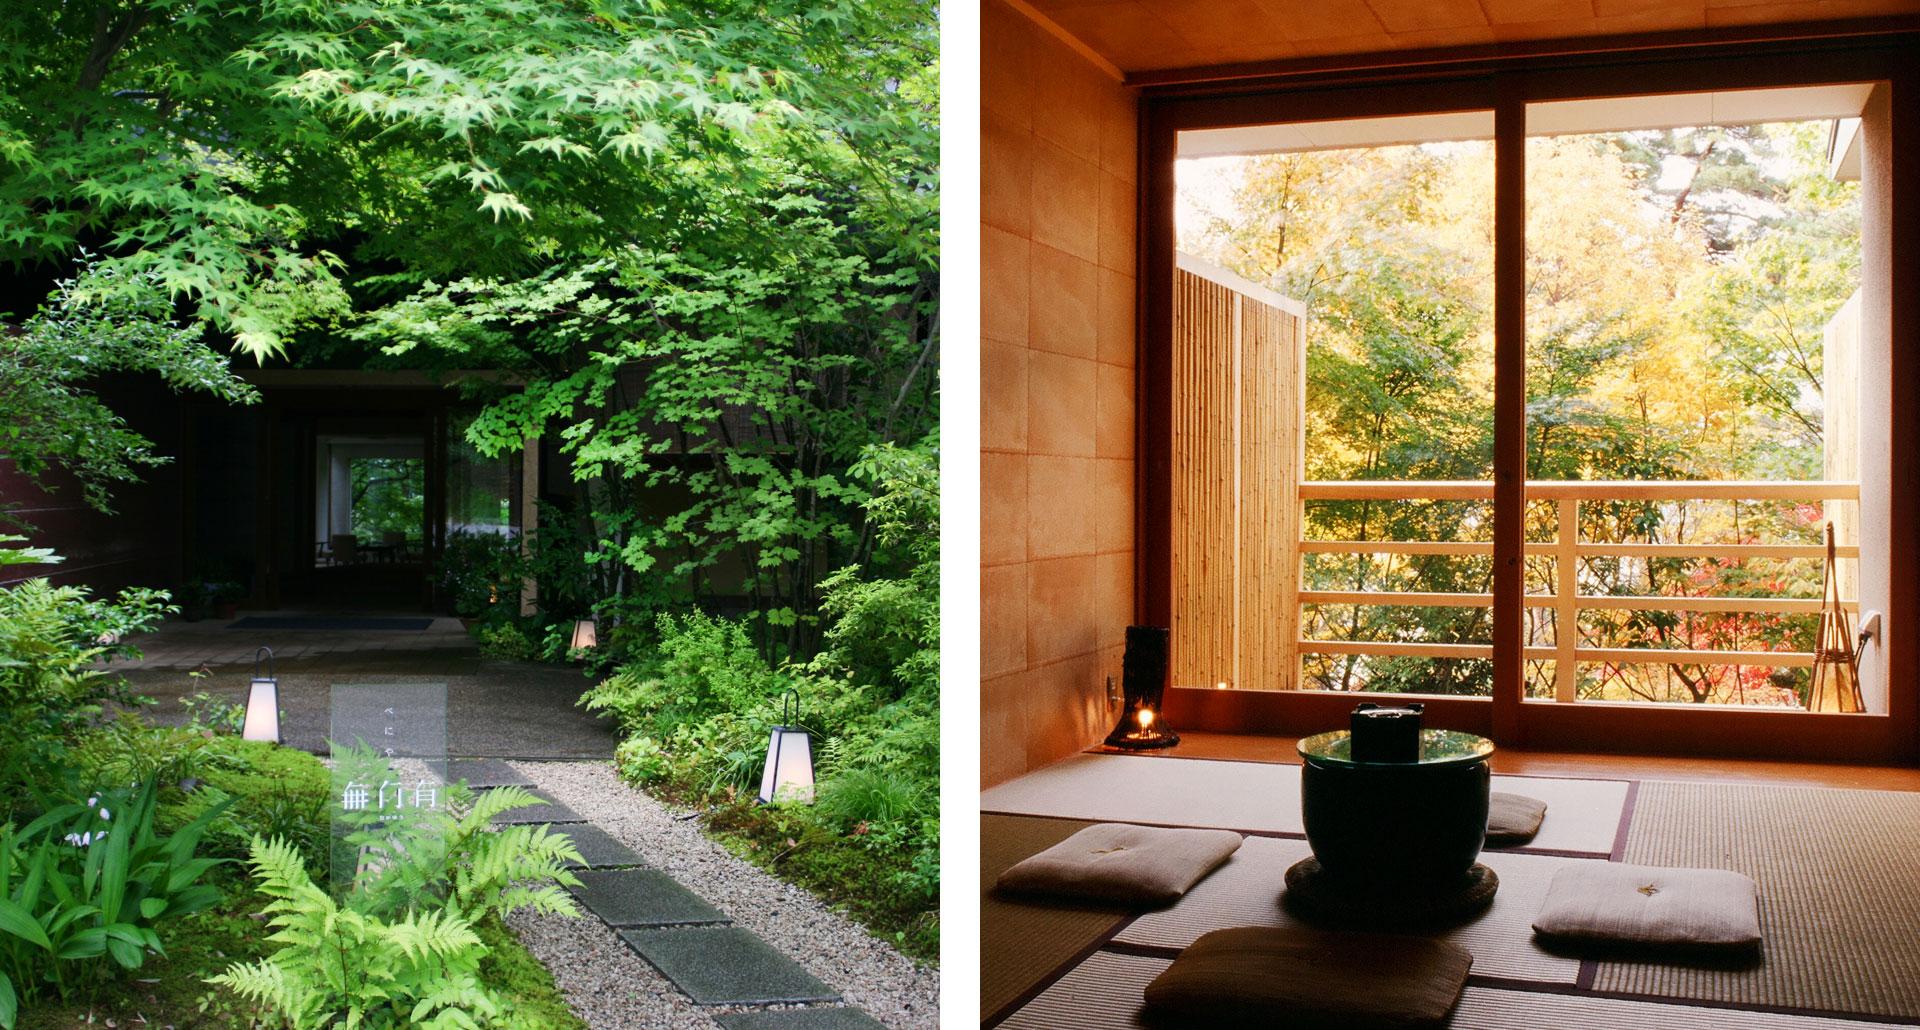 Beniya Mukayu - boutique hotel in Kaga-Onsen